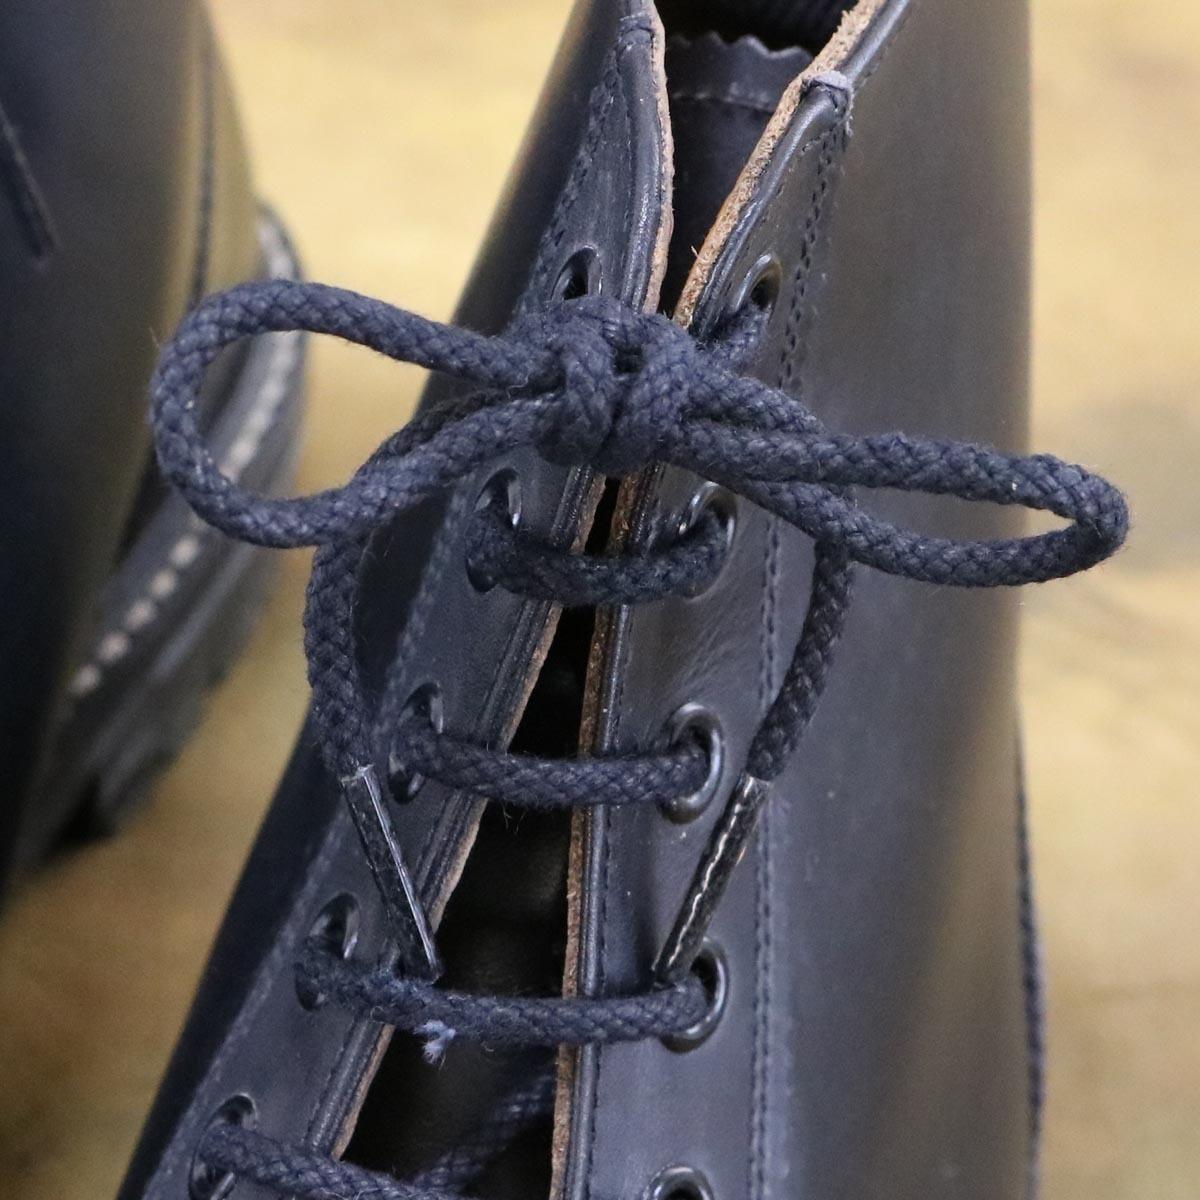 本物 極上品 トリッカーズ 別注品 ポールスミス レースアップ DERBY レザーブーツ ブラック 紳士靴 スニーカー Tricker's_画像4